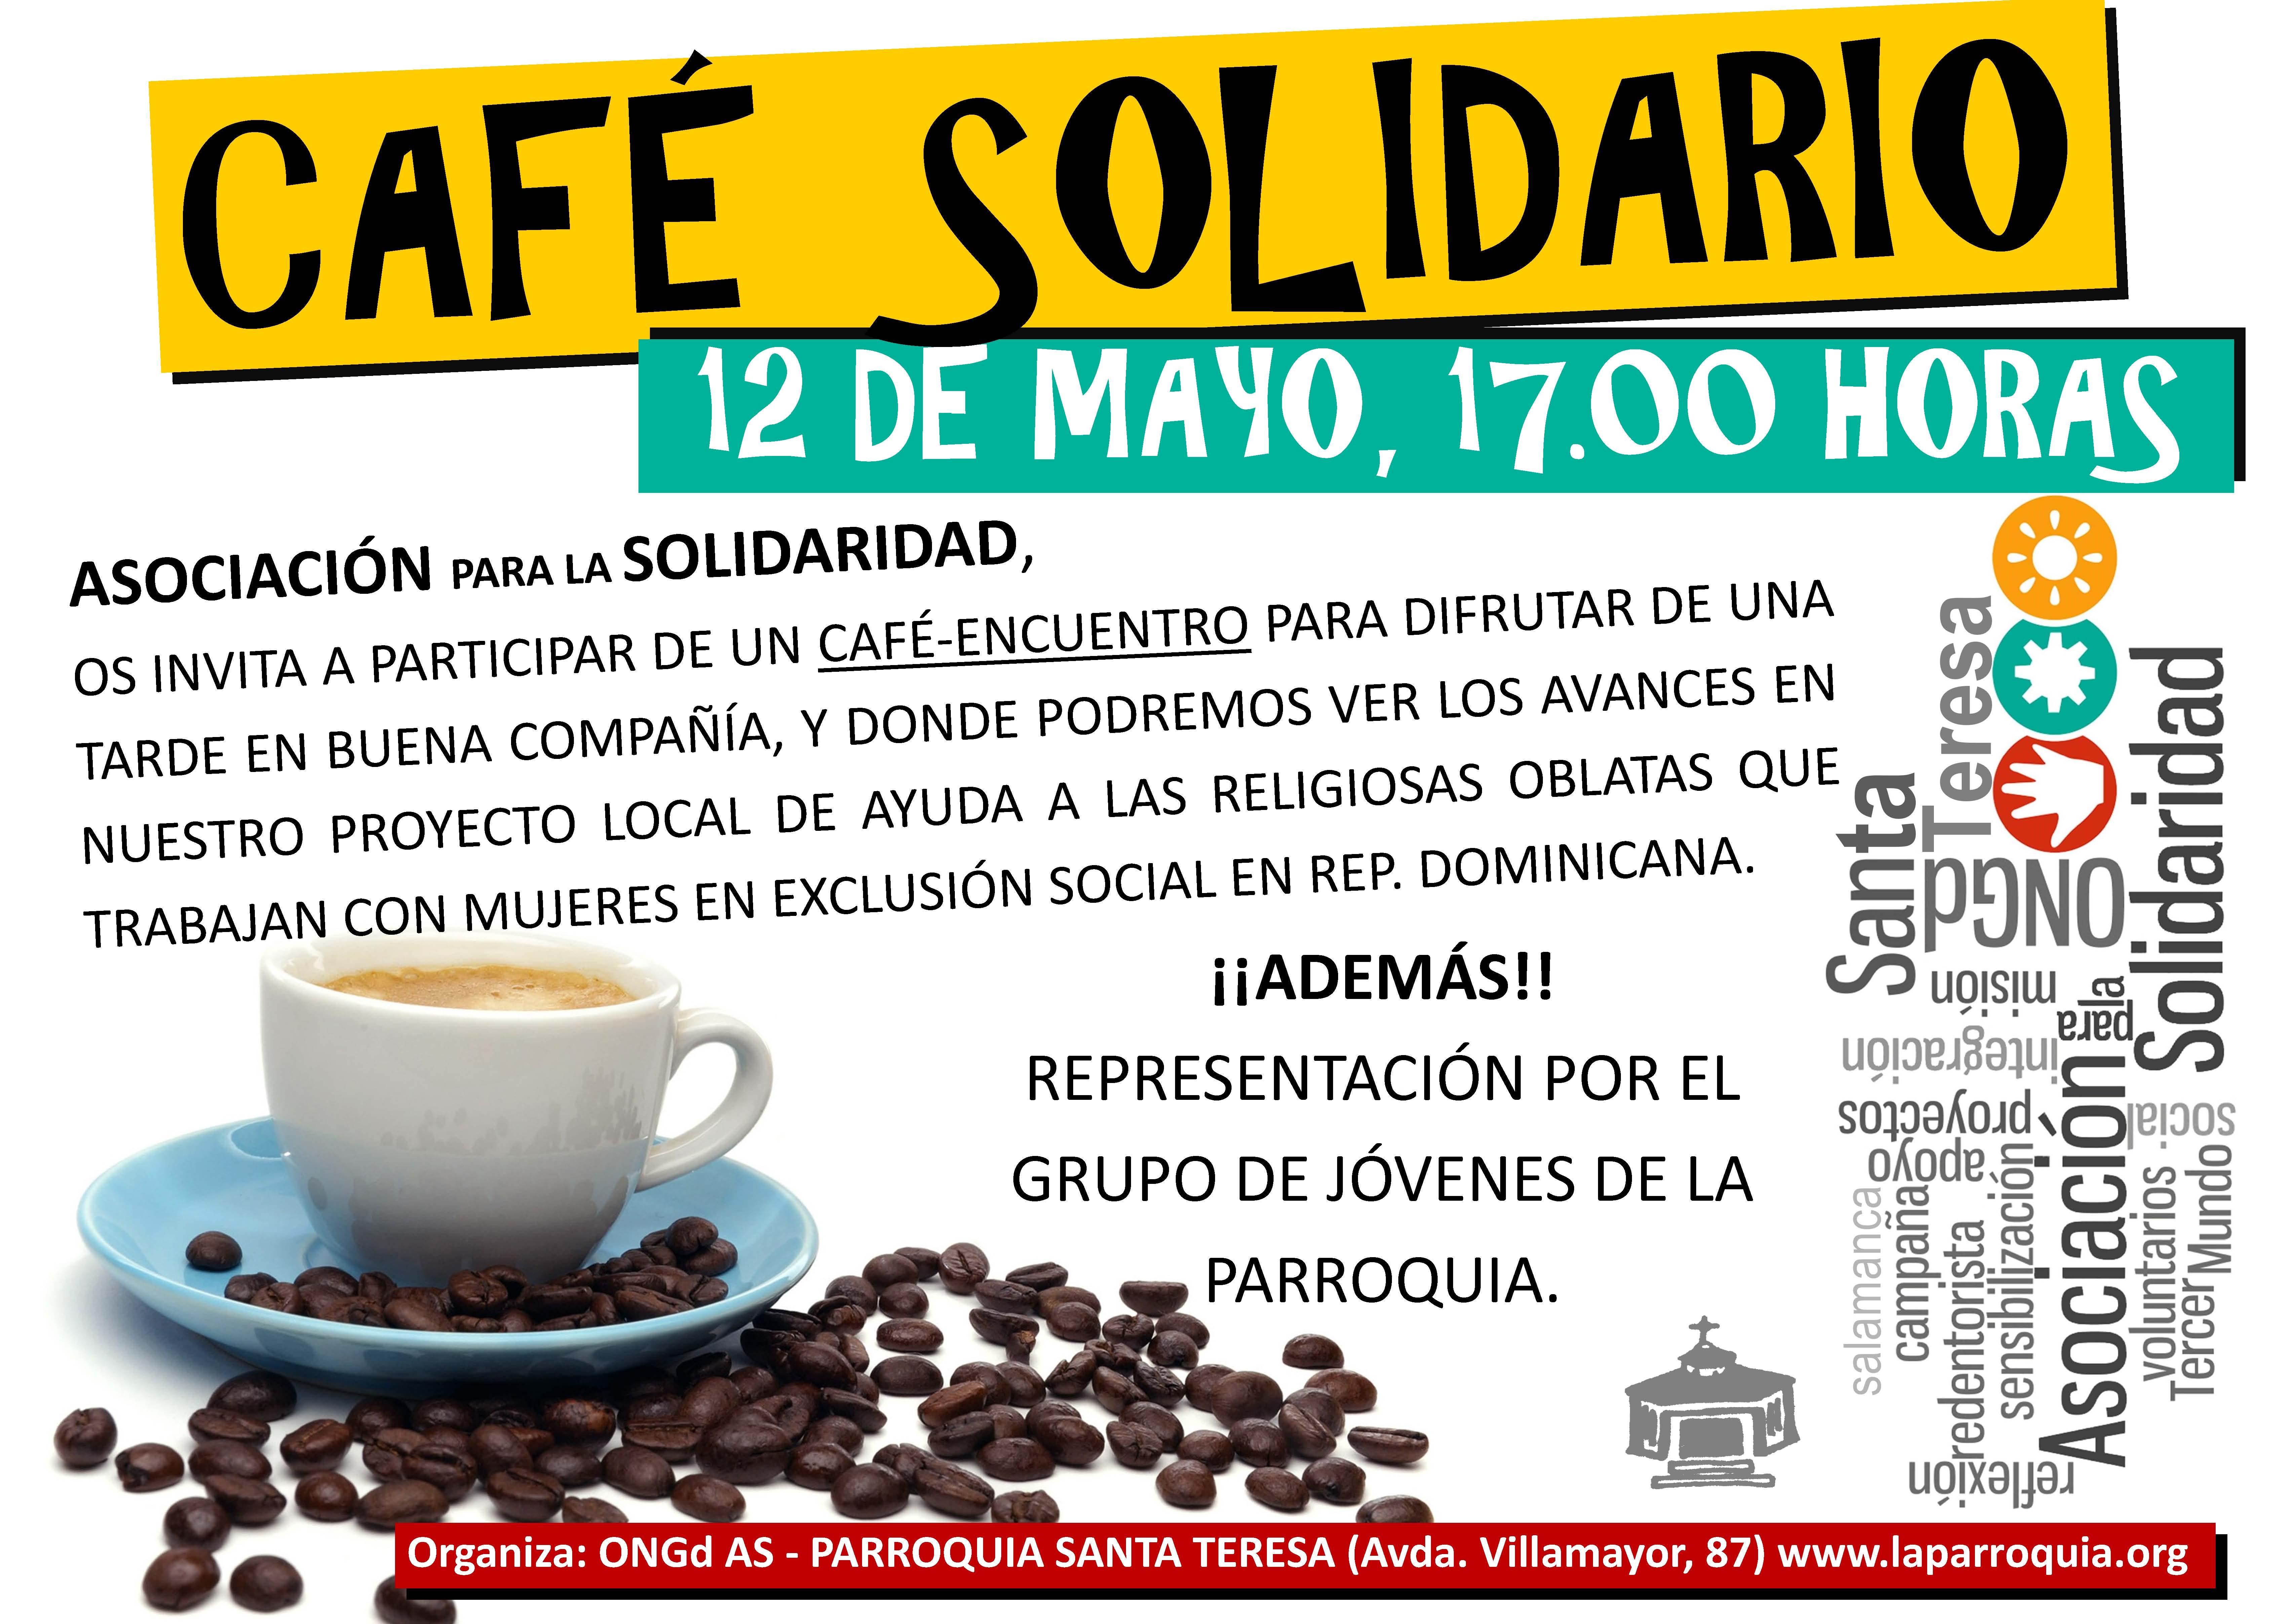 Cafésolidario